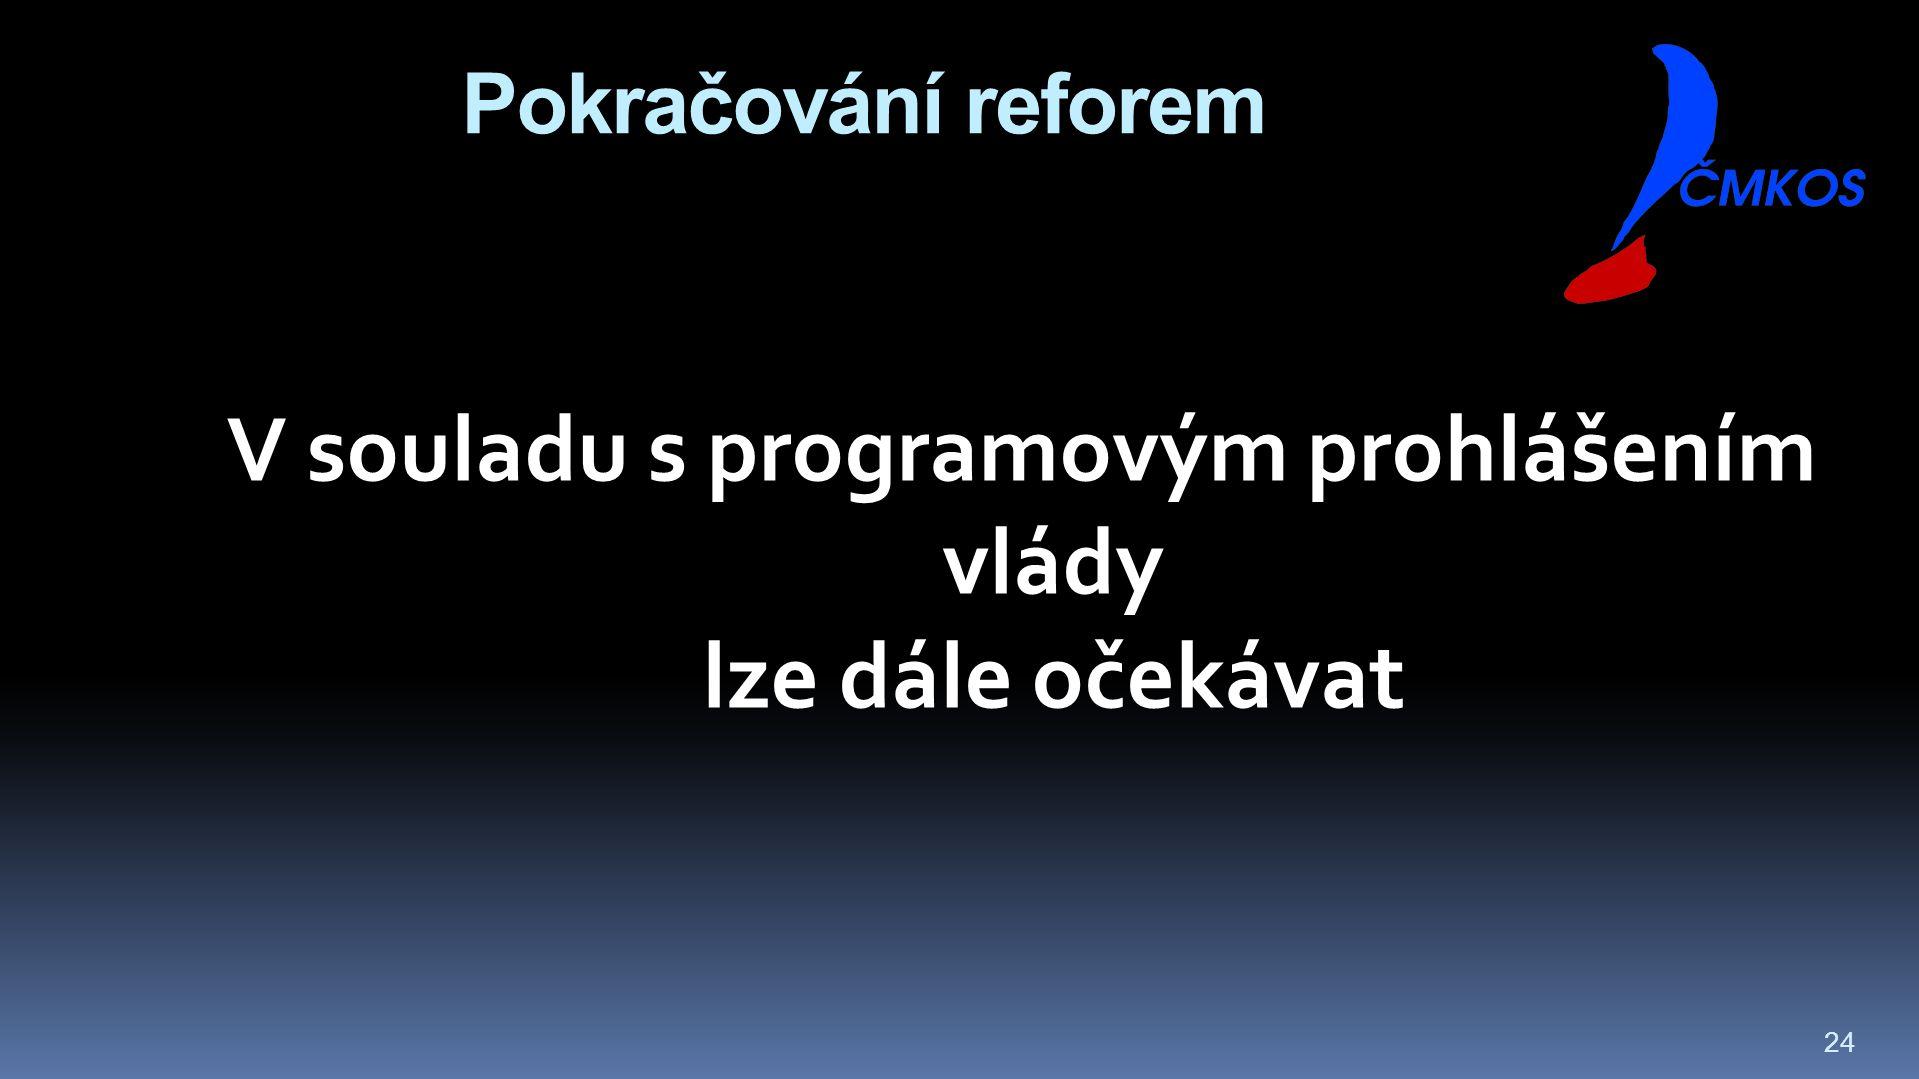 24 Pokračování reforem V souladu s programovým prohlášením vlády lze dále očekávat